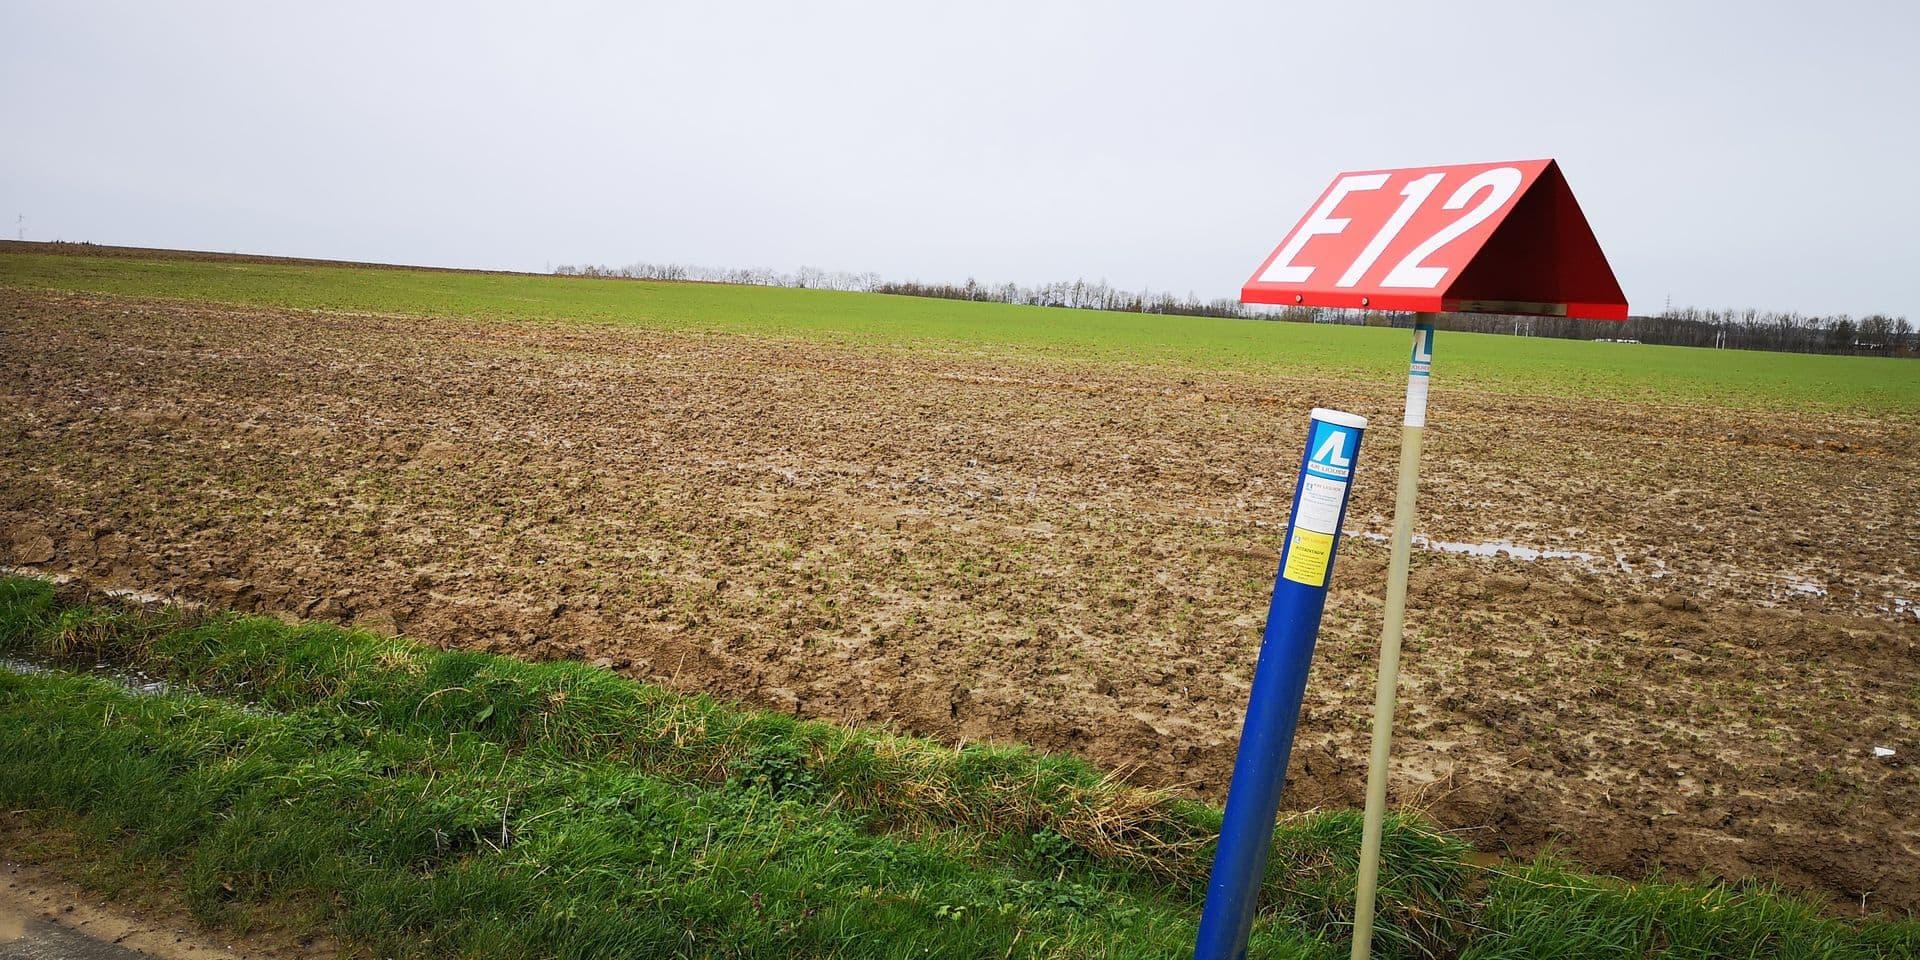 """Éoliennes : au tour de la Wallonie de dire """"non !"""" au projet d'Engie à Rebecq"""